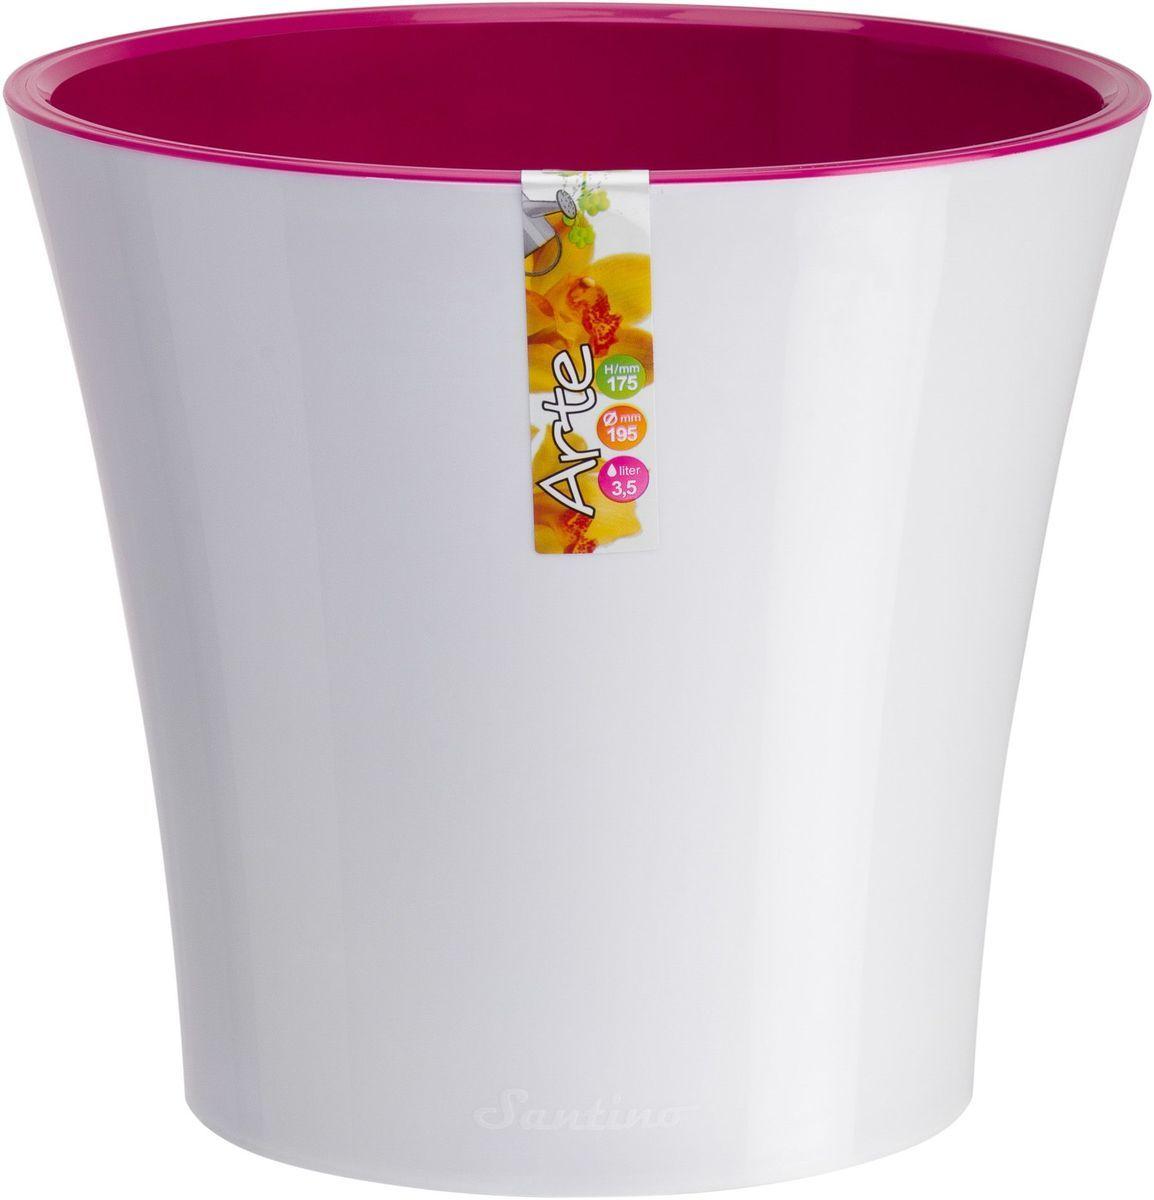 Горшок цветочный Santino Арте, двойной, с системой автополива, цвет: белый, лиловый, 2 лАРТ 2 Б-ЛГоршок цветочный Santino Арте снабжен дренажной системой и состоит из кашпо и вазона-вкладыша. Изготовлен из пластика. Особенность: тарелочка или блюдце не нужны. Горшок предназначен для любых растений или цветов. Цветочный дренаж – это система, которая позволяет выводить лишнюю влагу через корневую систему цветка и слой почвы. Растение – это живой организм, следовательно, ему необходимо дышать. В доступе к кислороду нуждаются все части растения: -листья; -корневая система. Если цветовод по какой-либо причине зальет цветок водой, то она буквально вытеснит из почвенного слоя все пузырьки кислорода. Анаэробная среда способствует развитию различного рода бактерий. Безвоздушная среда приводит к загниванию корневой системы, цветок в результате увядает. Суть работы дренажной системы заключается в том, чтобы осуществлять отвод лишней влаги от растения и давать возможность корневой системе дышать без проблем. Следовательно, каждому цветку необходимо: -иметь в основании цветочного горшочка хотя бы одно небольшое дренажное отверстие. Оно необходимо для того, чтобы через него выходила лишняя вода, плюс ко всему это отверстие дает возможность циркулировать воздух. -на самом дне горшка необходимо выложить слоем в 2-5 см (зависит от вида растения) дренаж.УВАЖАЕМЫЕ КЛИЕНТЫ!Обращаем ваше внимание на тот факт, что фото изделия служит для визуального восприятия товара. Литраж и размеры, представленные на этикетке товара, могут по факту отличаться от реальных. Корректные данные в поле Размеры.